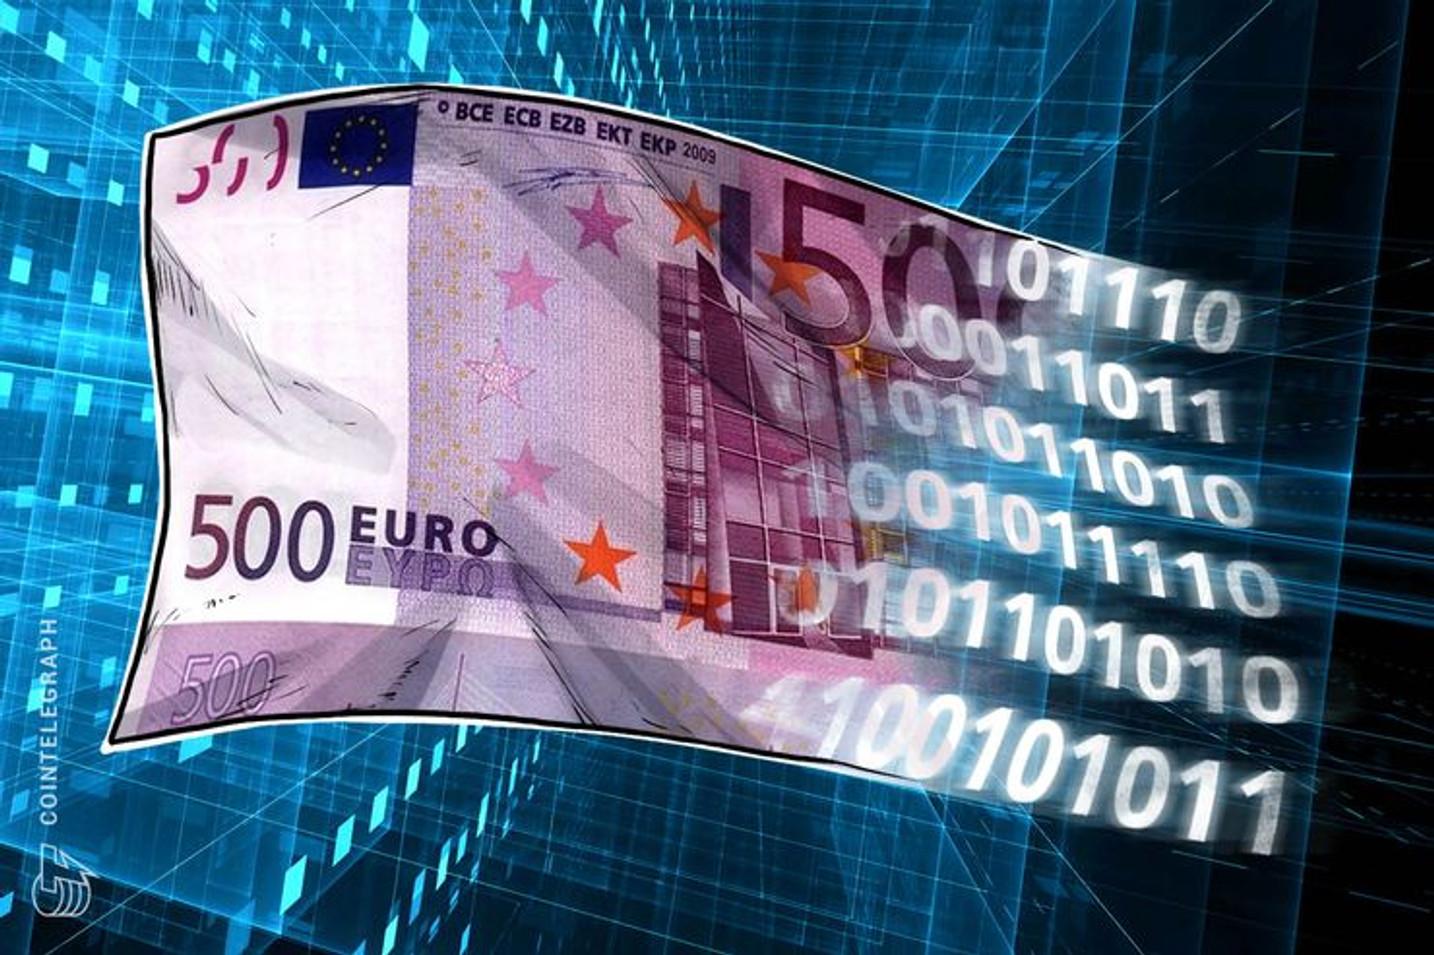 Fintech española bnc10 cierra ronda de financiación de 1.1 millones de euros